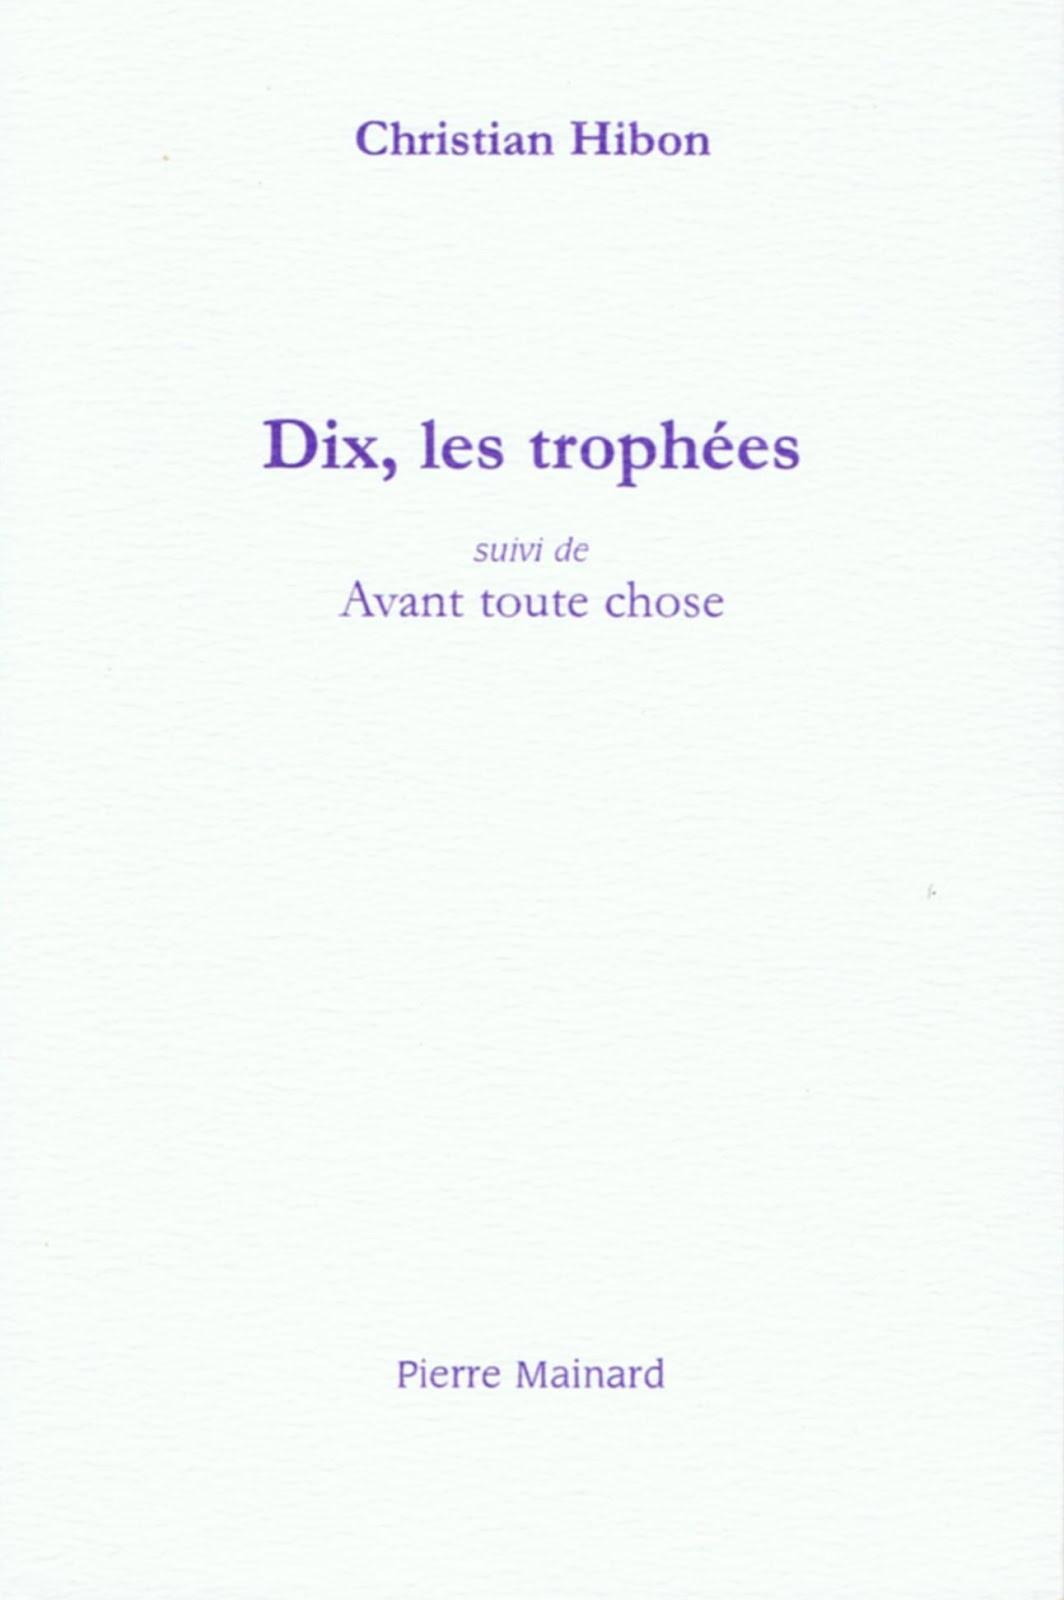 Christian HIBON, « DIX, LES TROPHÉES suivi de AVANT TOUTE CHOSE », Pierre Mainard Éditeur, mai 2019